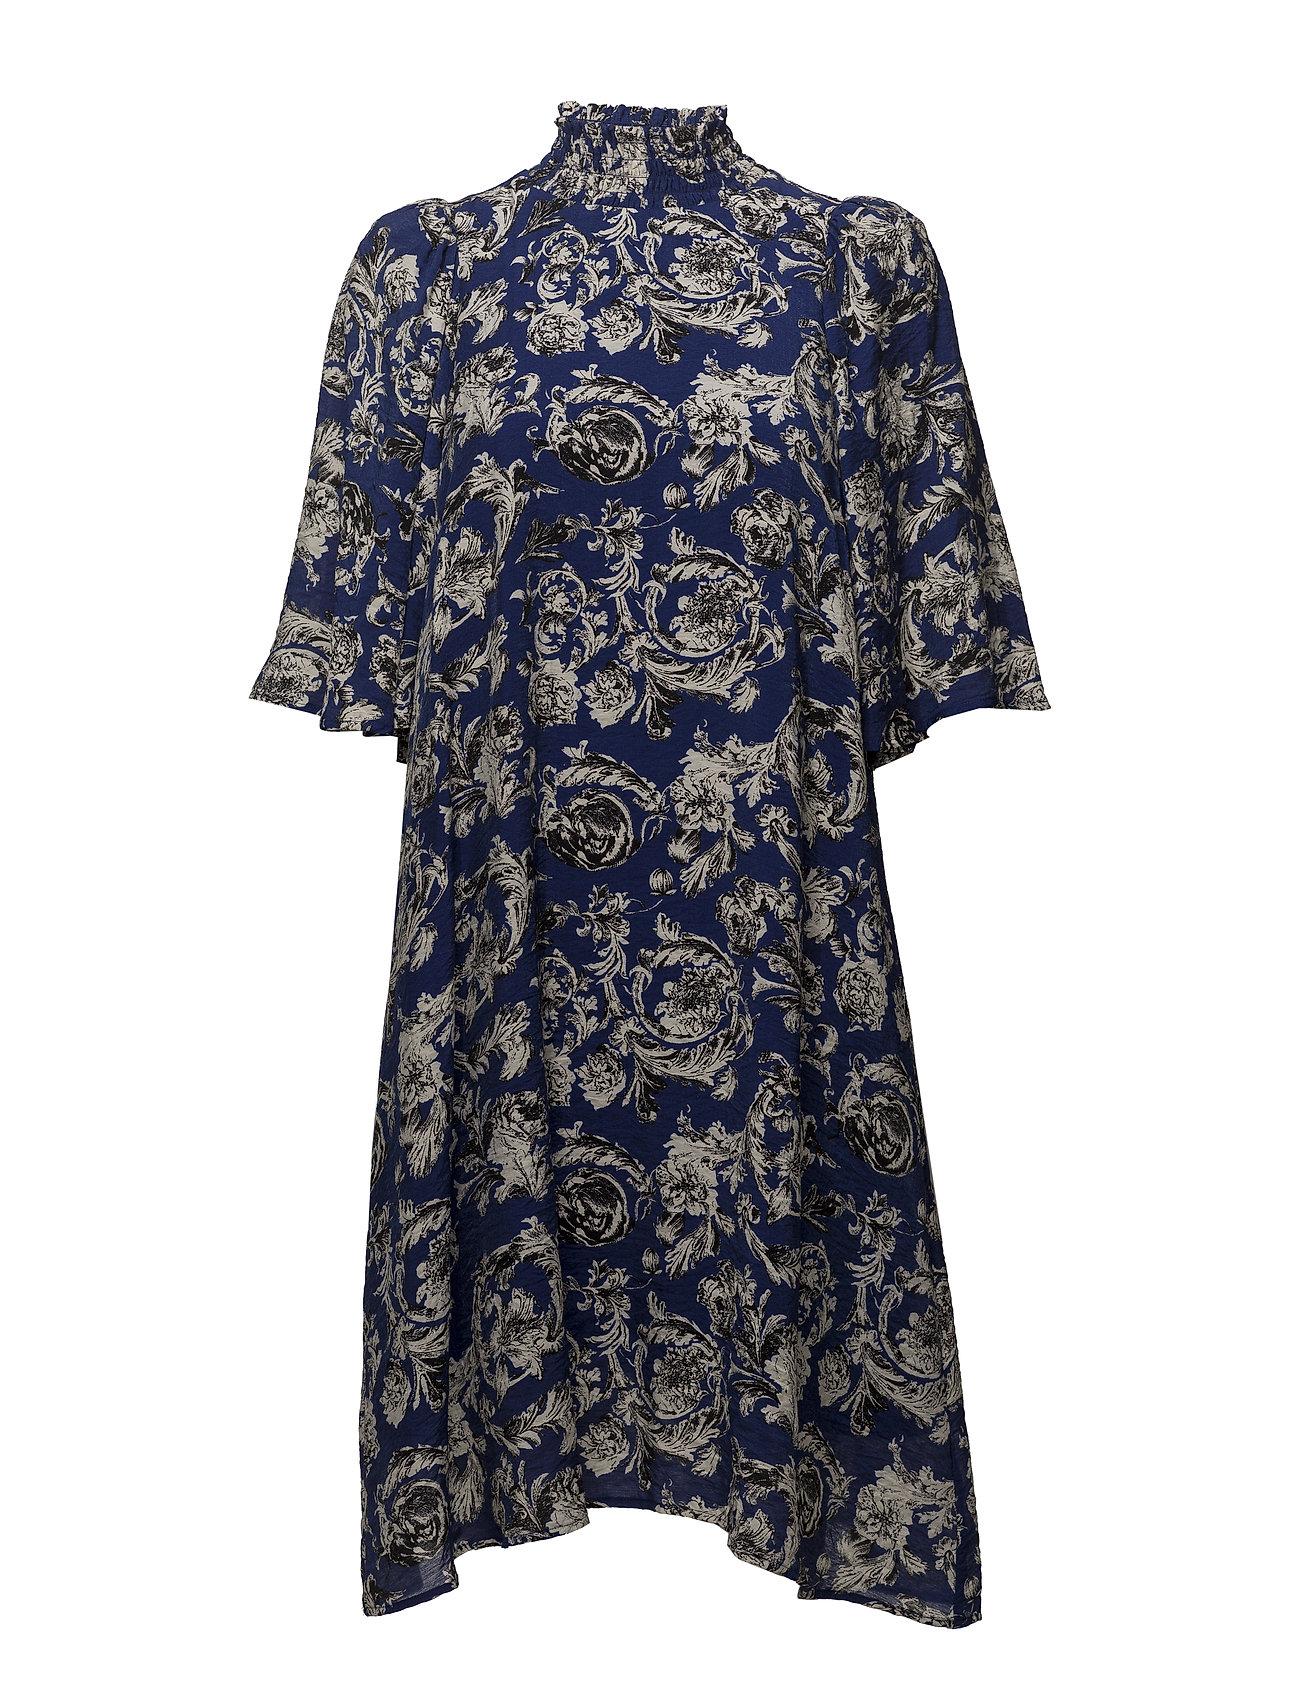 Eluka Dressgraphic Garden NightInwear Garden Blue Eluka Blue Dressgraphic 9HE2IYDW